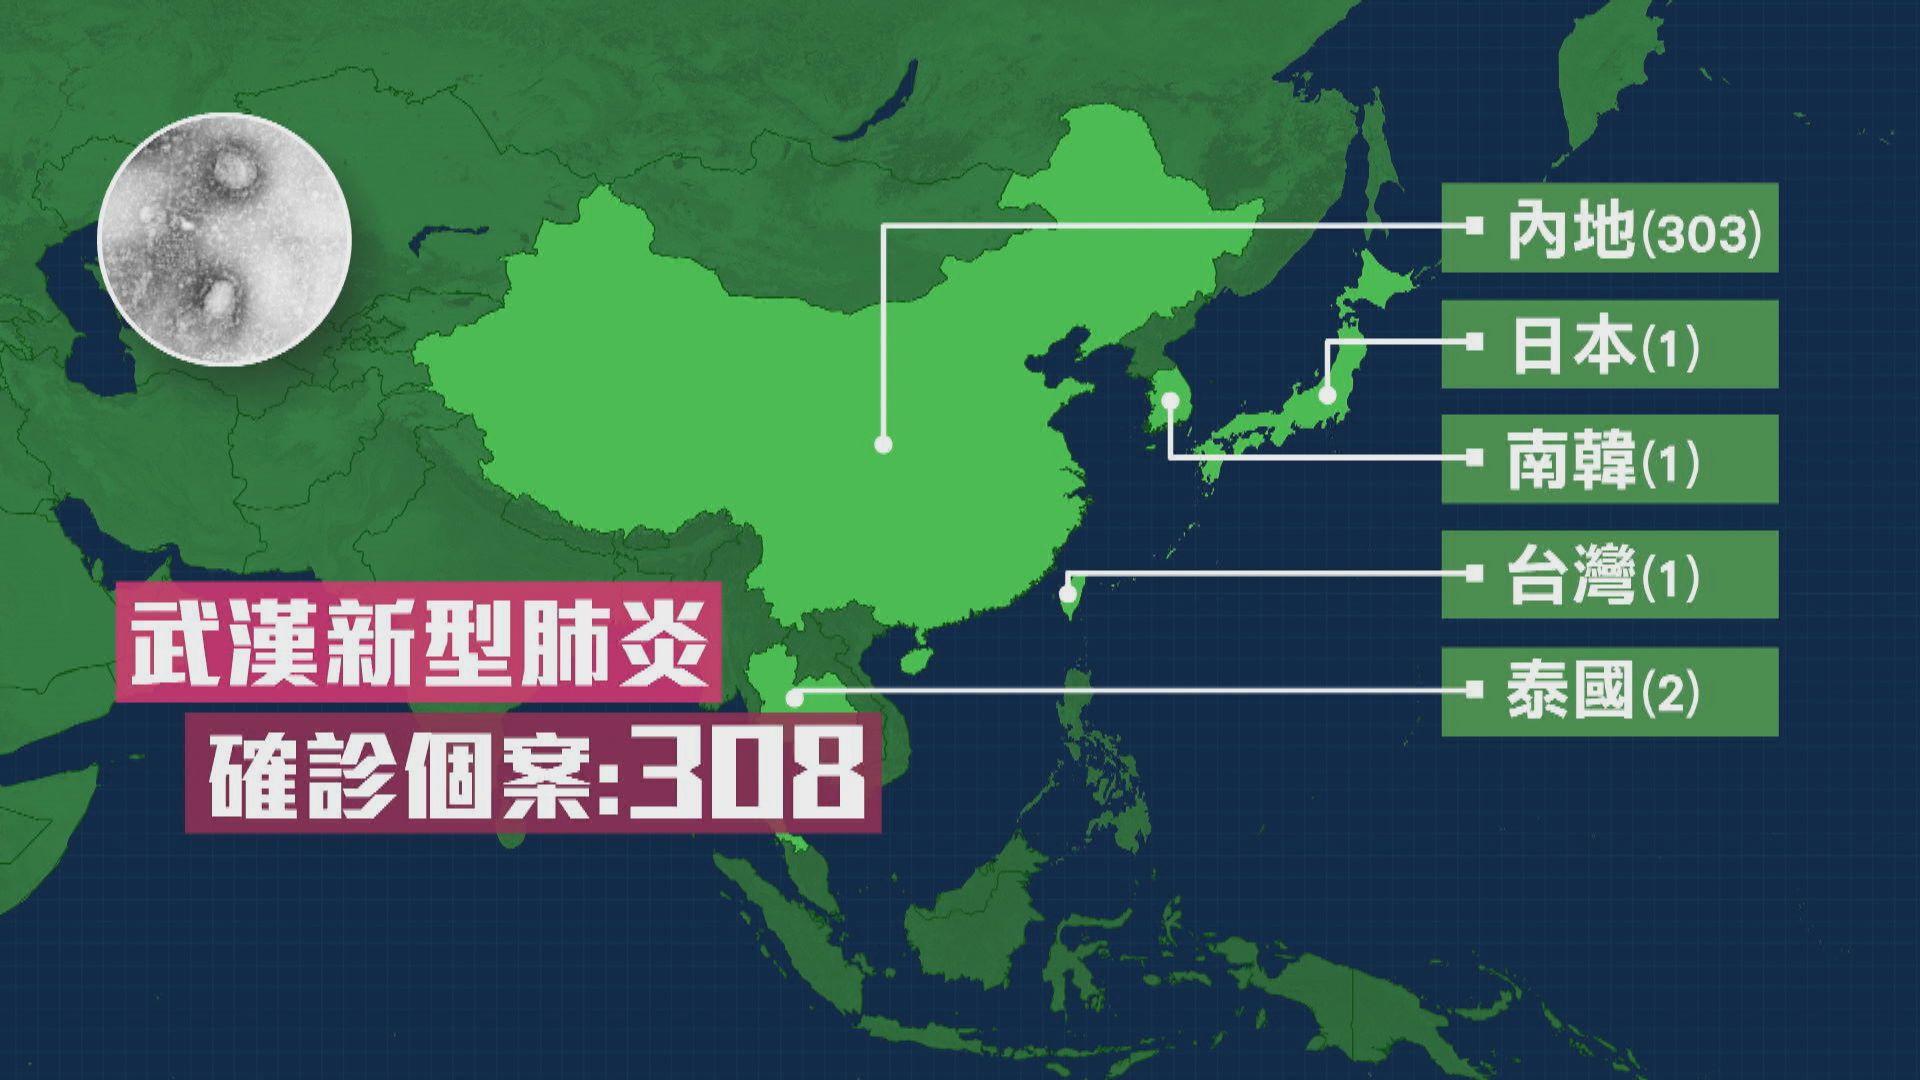 全球累計308宗武漢新型肺炎病例 河南出現首宗案例